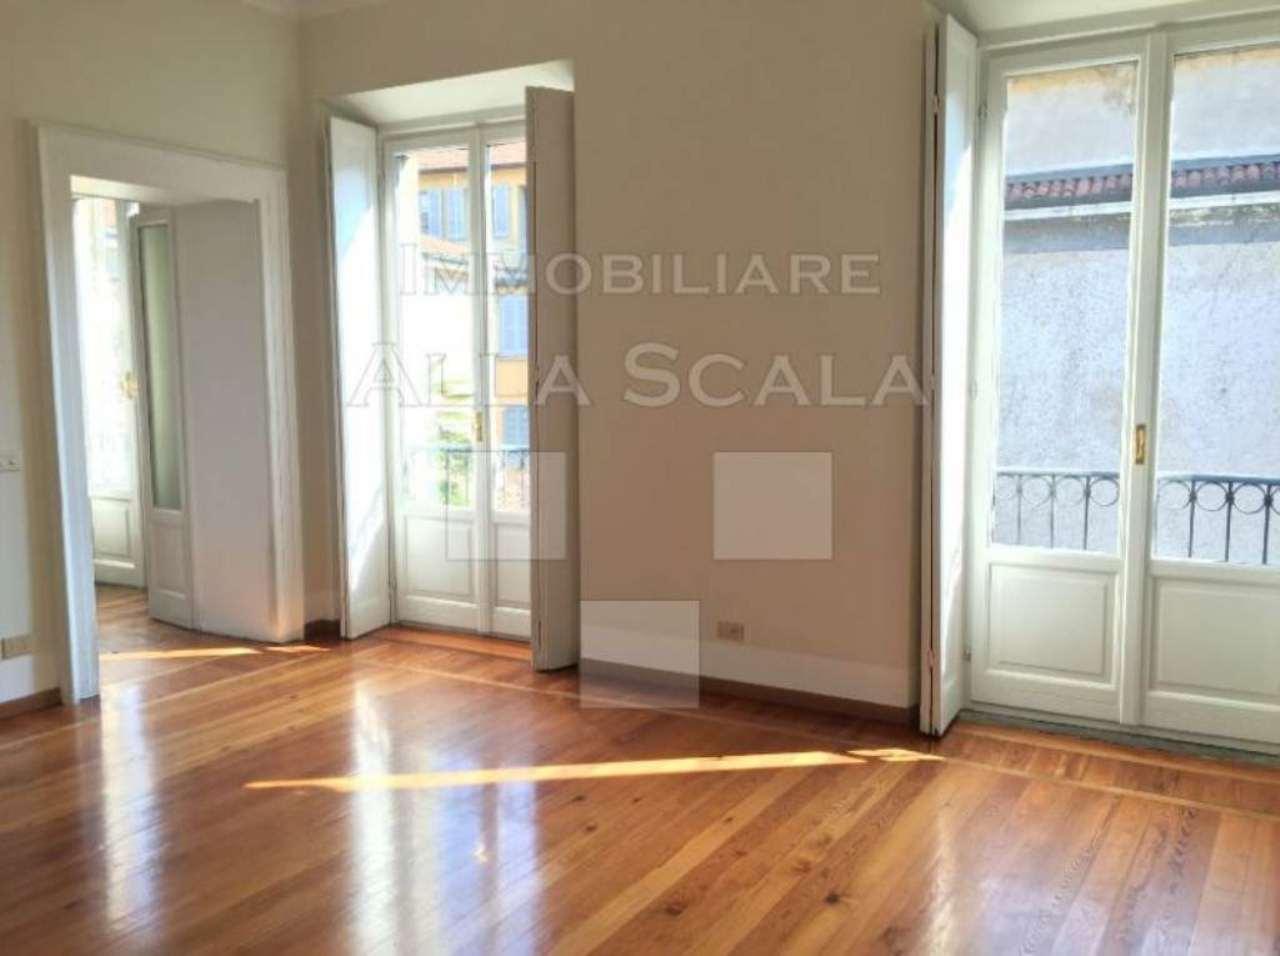 Attico / Mansarda in affitto a Milano, 4 locali, zona Zona: 1 . Centro Storico, Duomo, Brera, Cadorna, Cattolica, prezzo € 3.500 | Cambio Casa.it